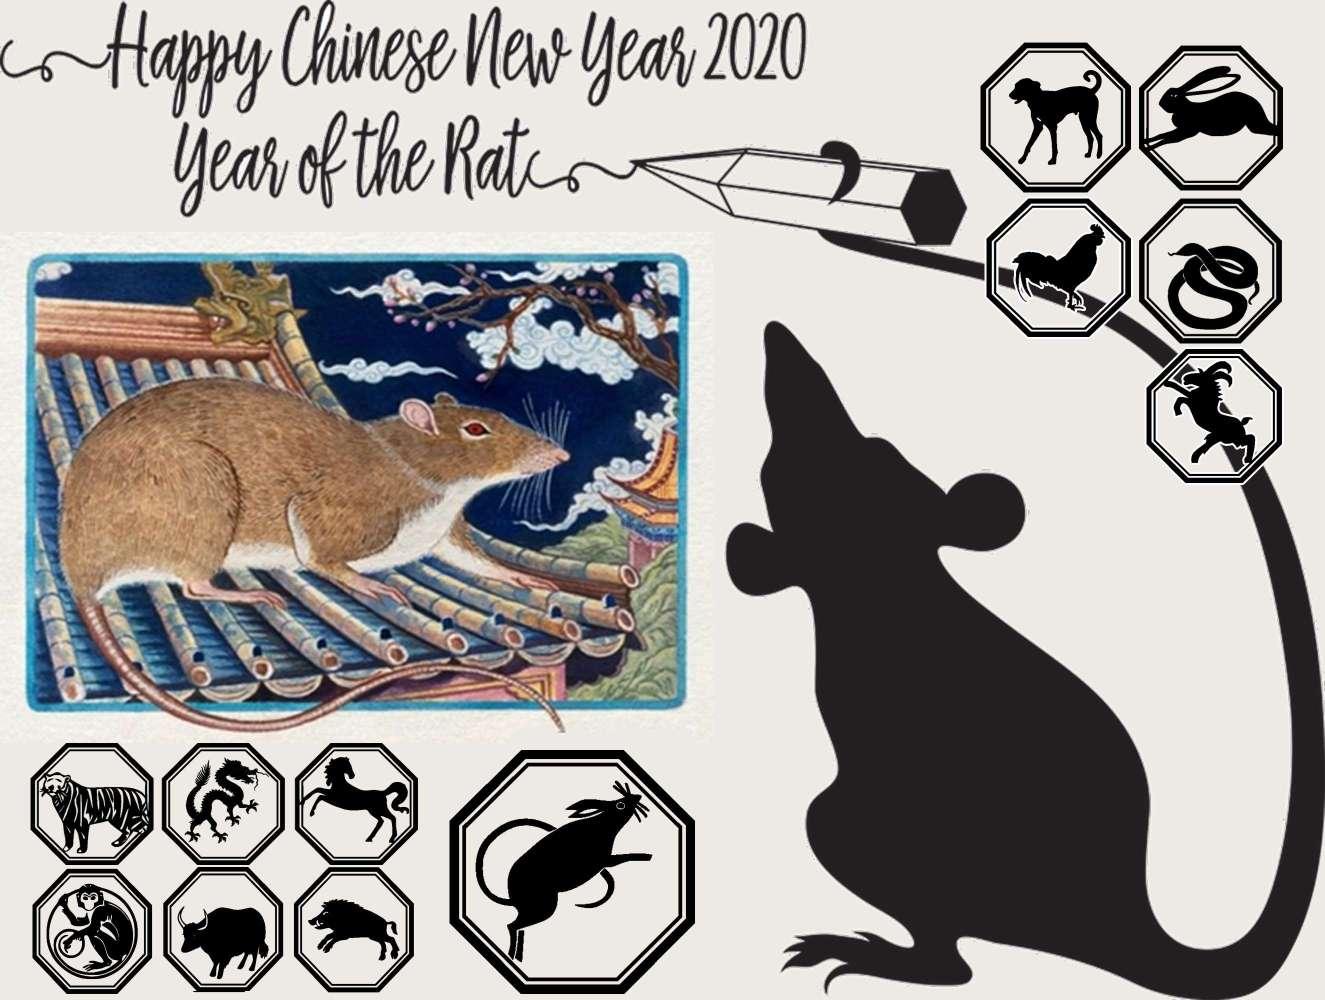 Κίνα στη Χρονιά του Ποντικού Λευκού Αρουραίου